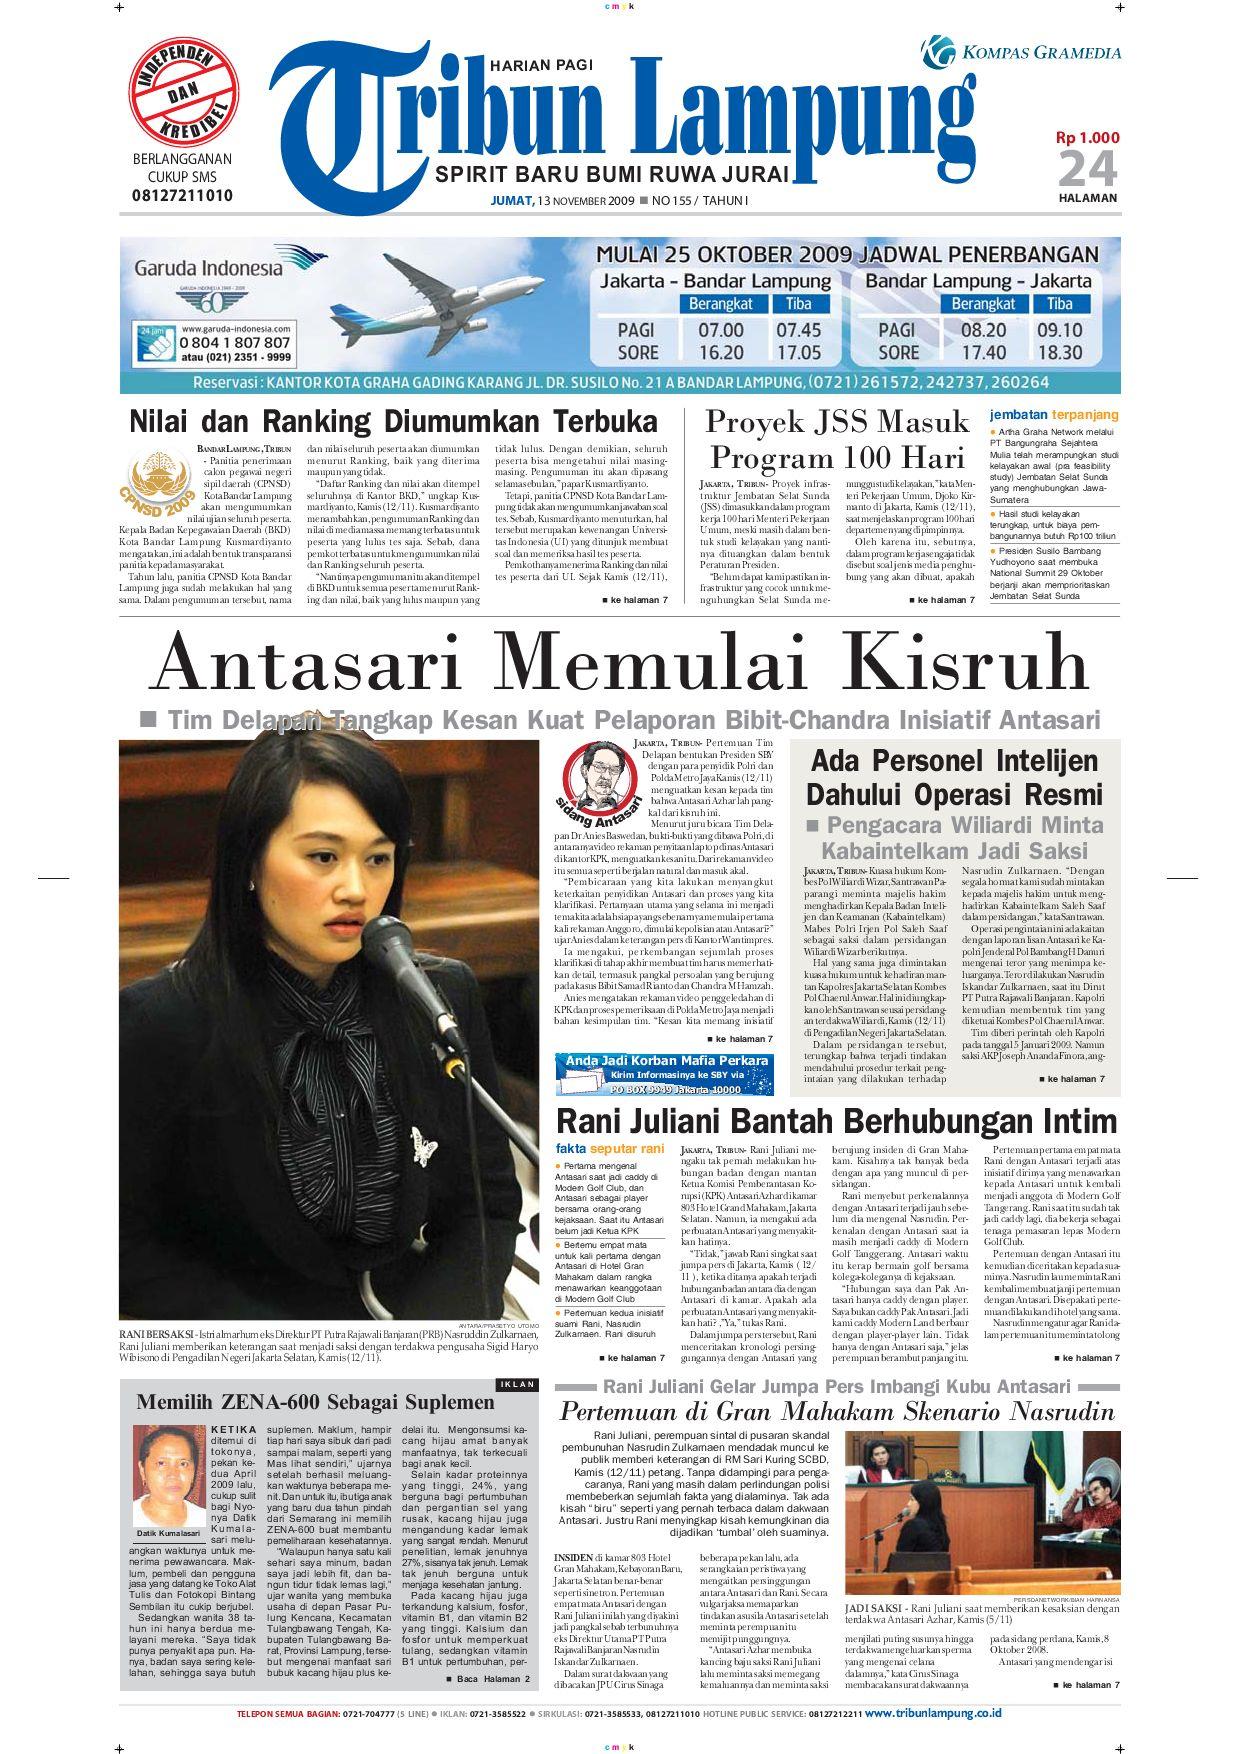 Tribun Lampung 14 Desember 2010 By Tribun Lampung Issuu # Muebles Koyga Vigo